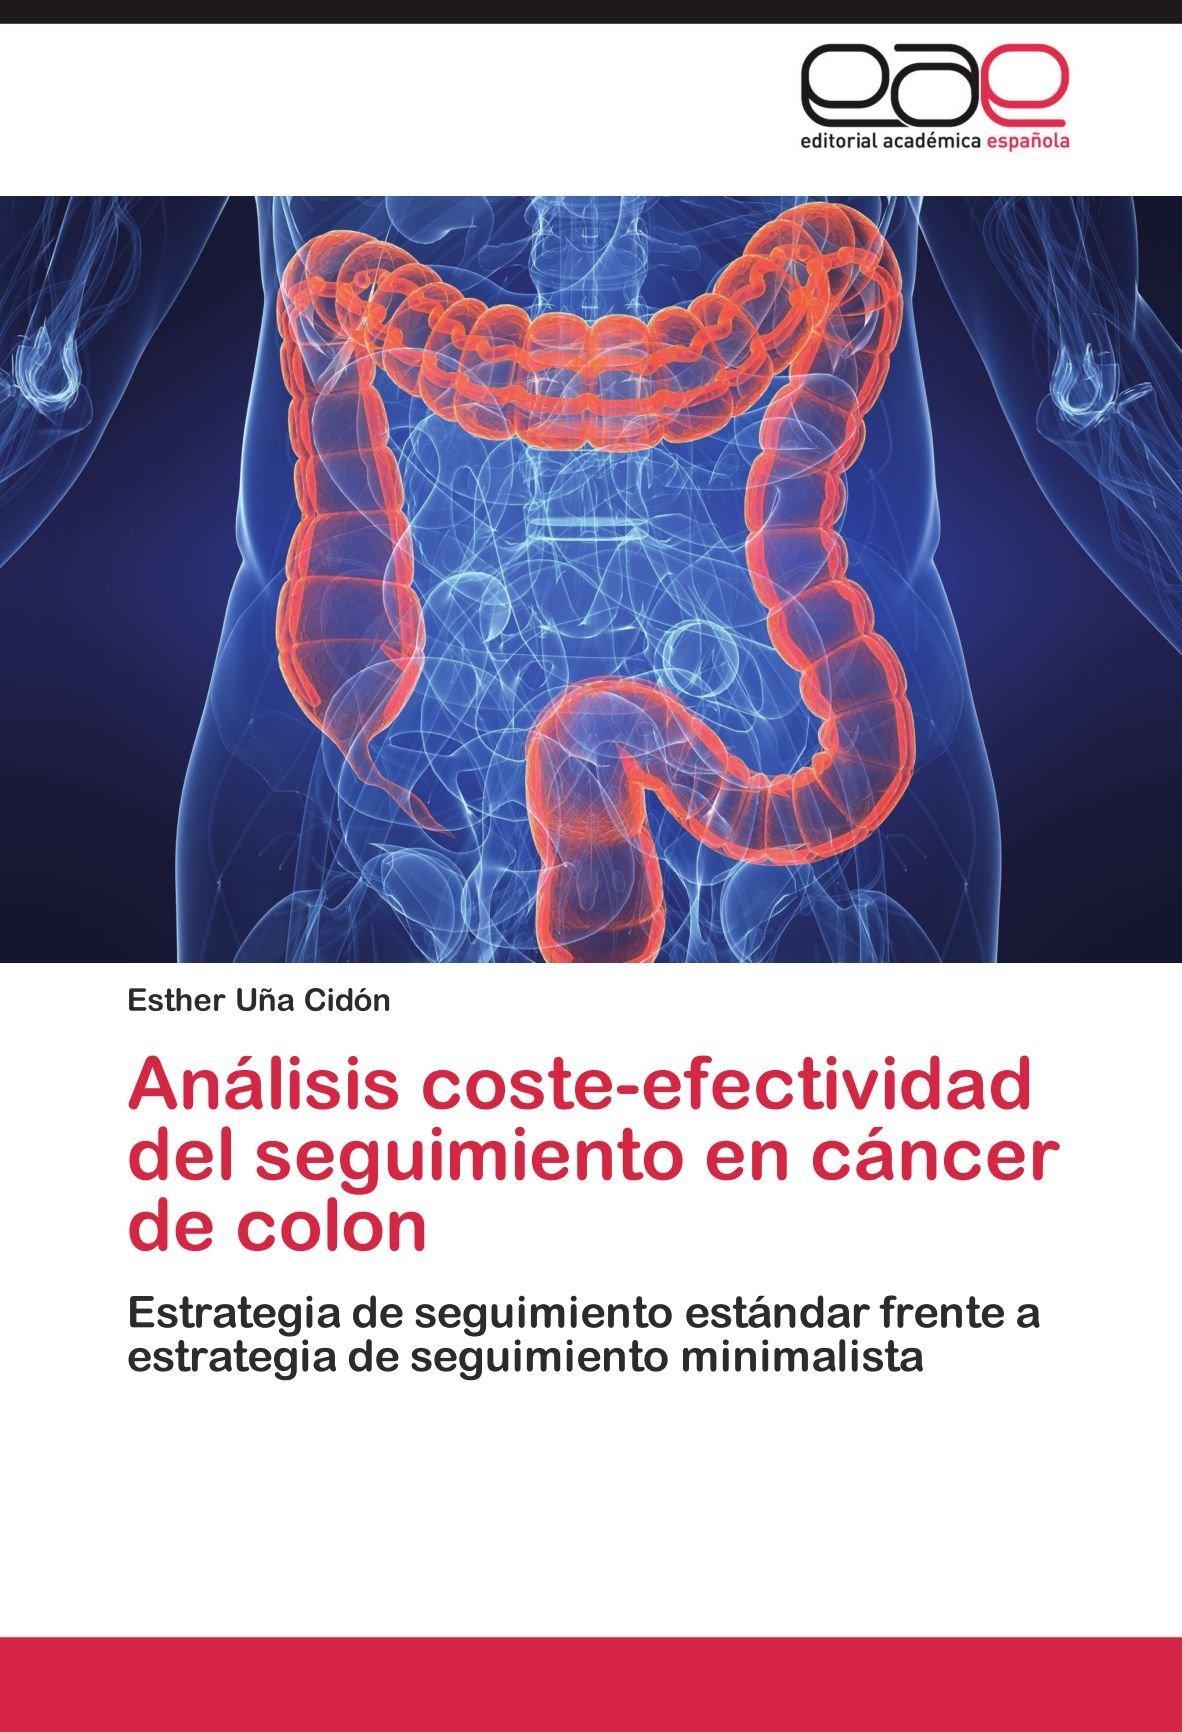 Análisis coste-efectividad del seguimiento en cáncer de colon Esther Uña Cidón